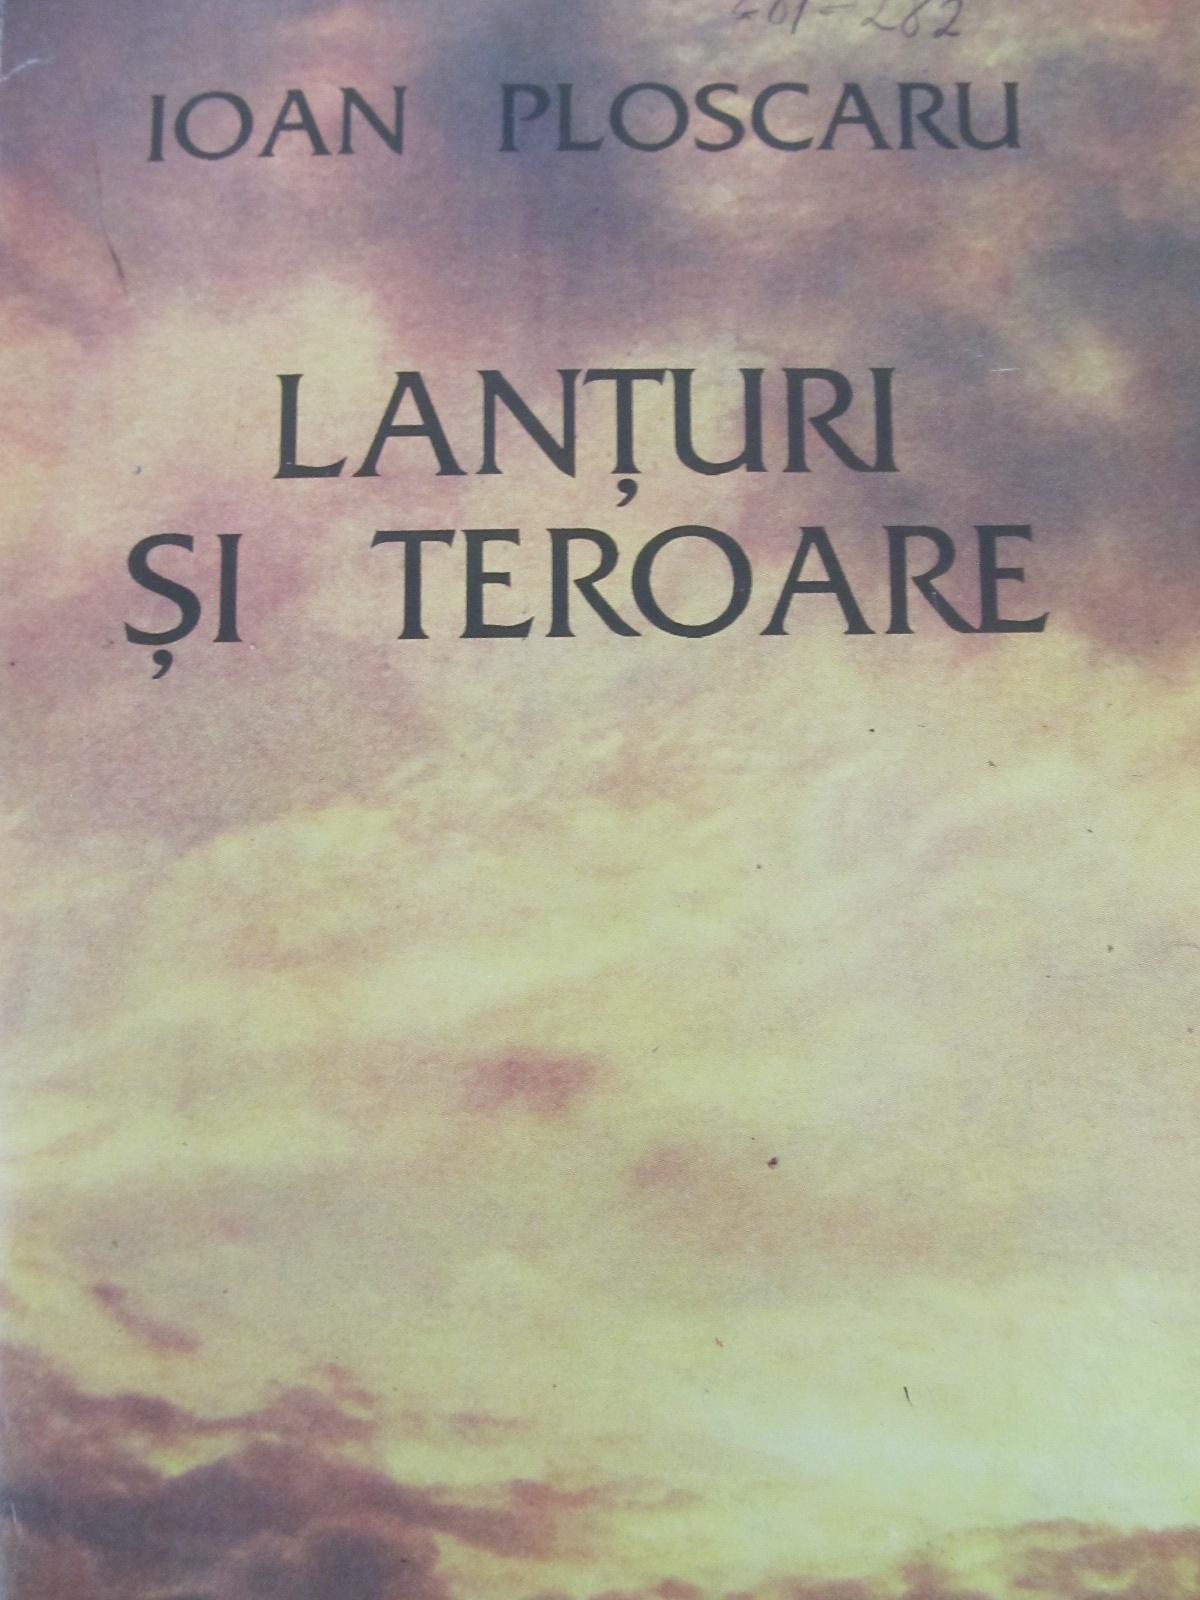 Lanturi si teroare [1] - Ioan Ploscaru | Detalii carte